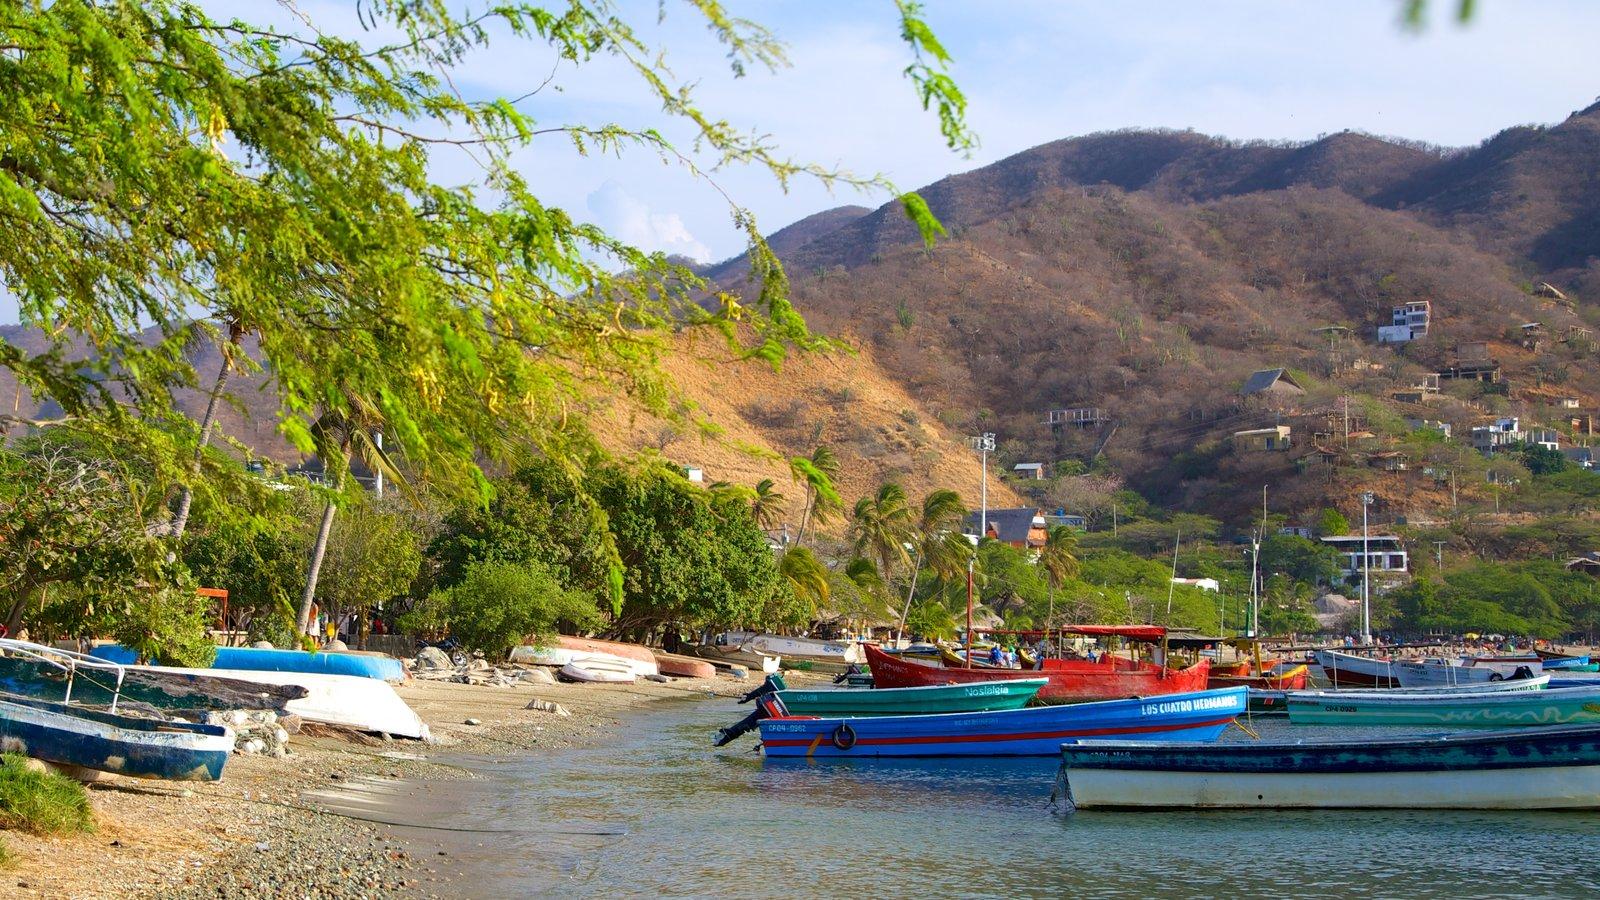 Praia Taganga que inclui uma praia de pedras, uma cidade litorânea e uma baía ou porto